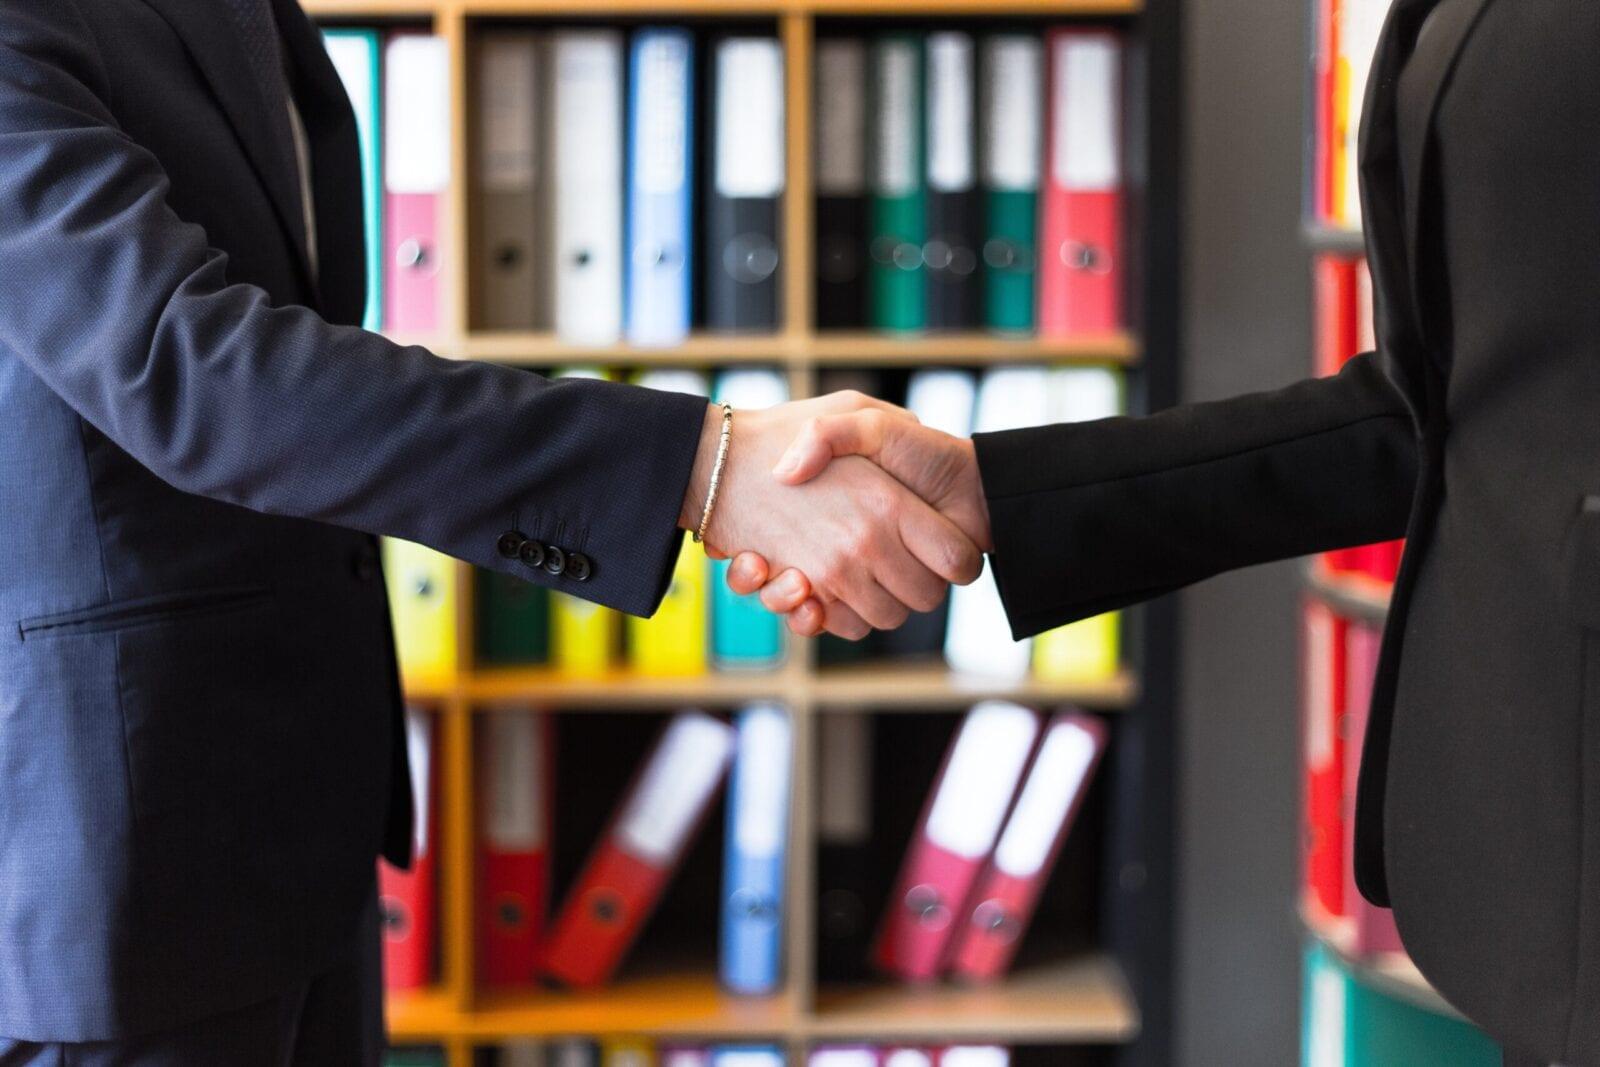 Geschäftsumzug- Umzugsservice Beratung vor Ort für Firmenkunden - Umzugsfirma Kantonal Umzüge